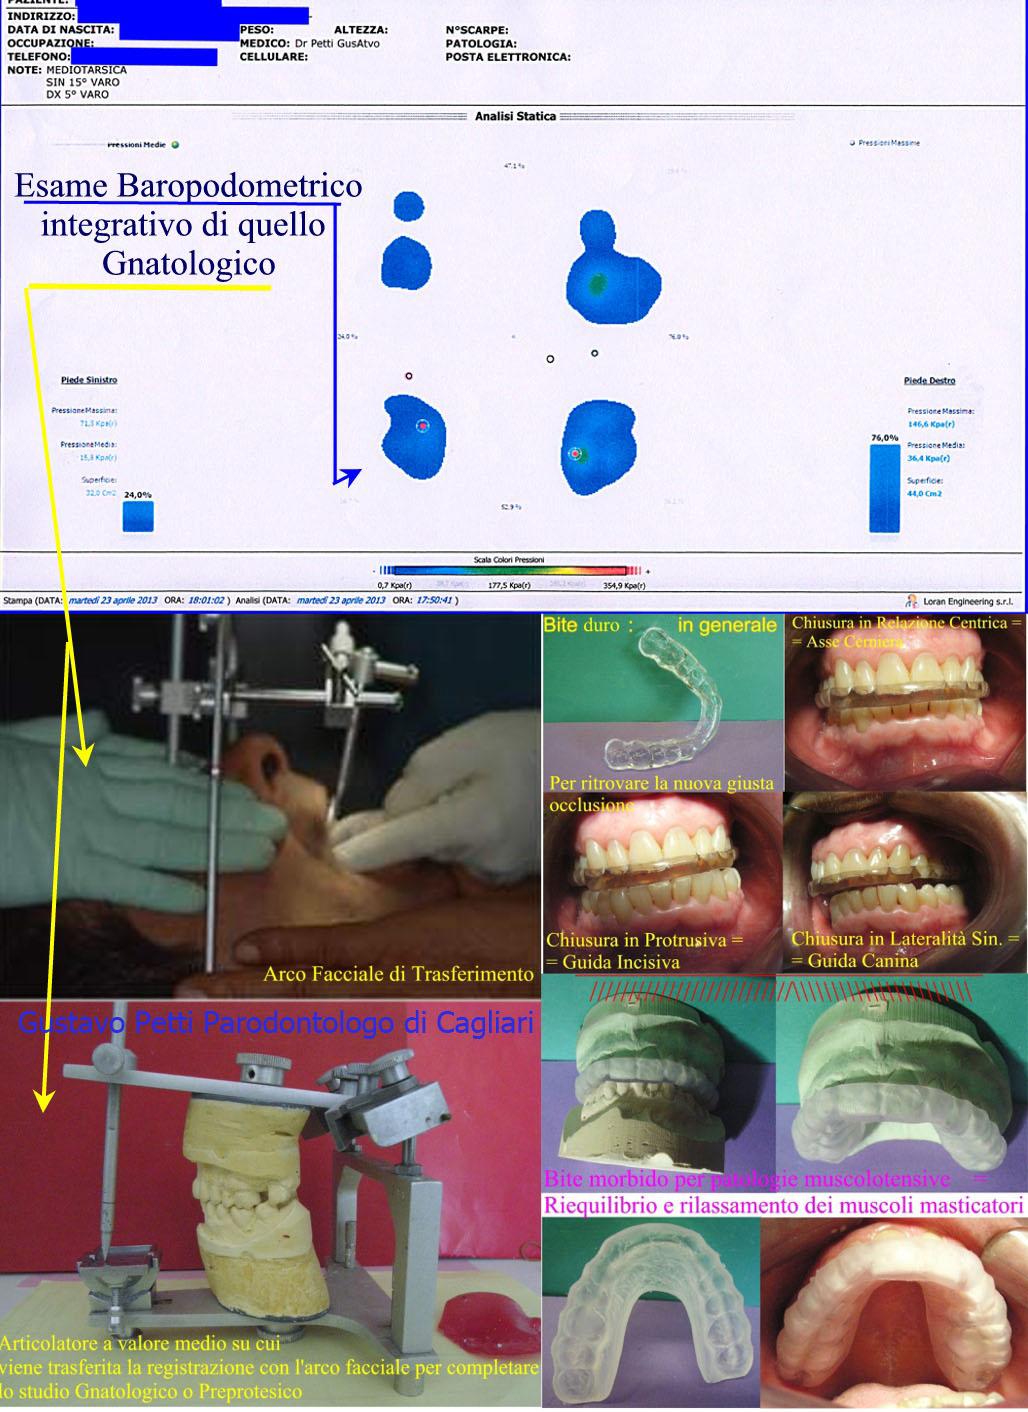 gnatologia-g.petti-cagliari-7.jpg